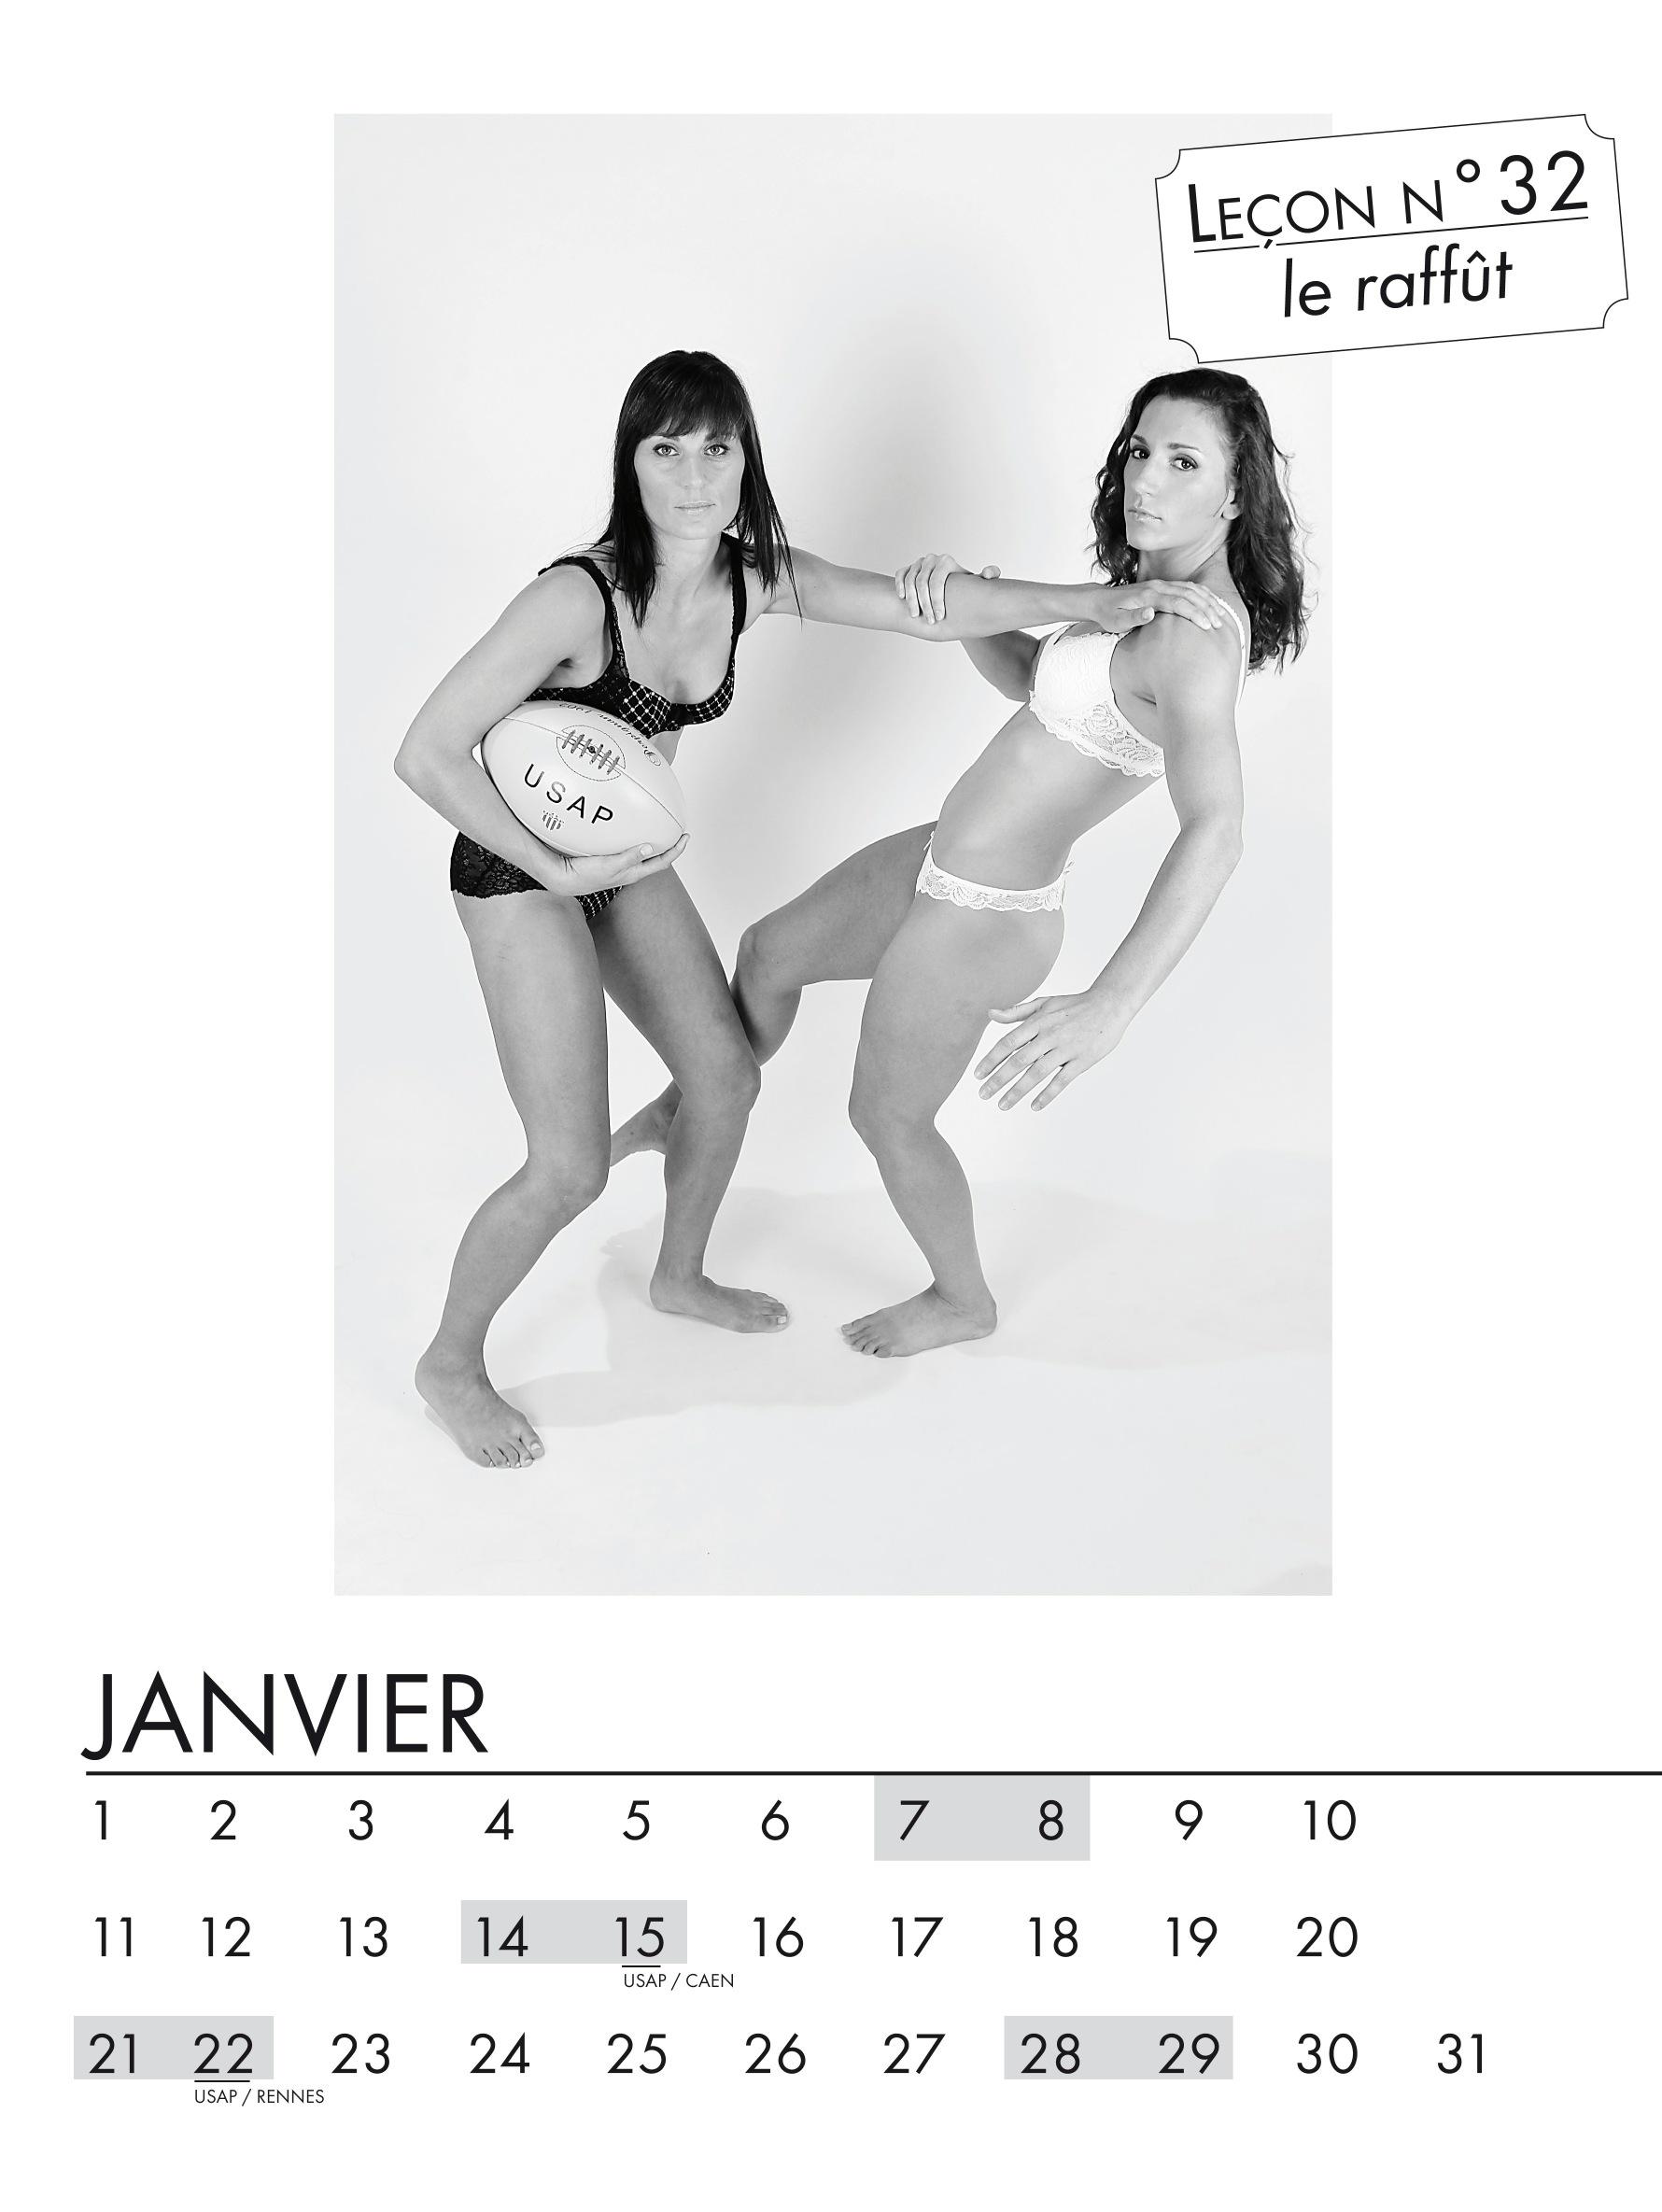 Les filles de l'USAP sortent un calendrier